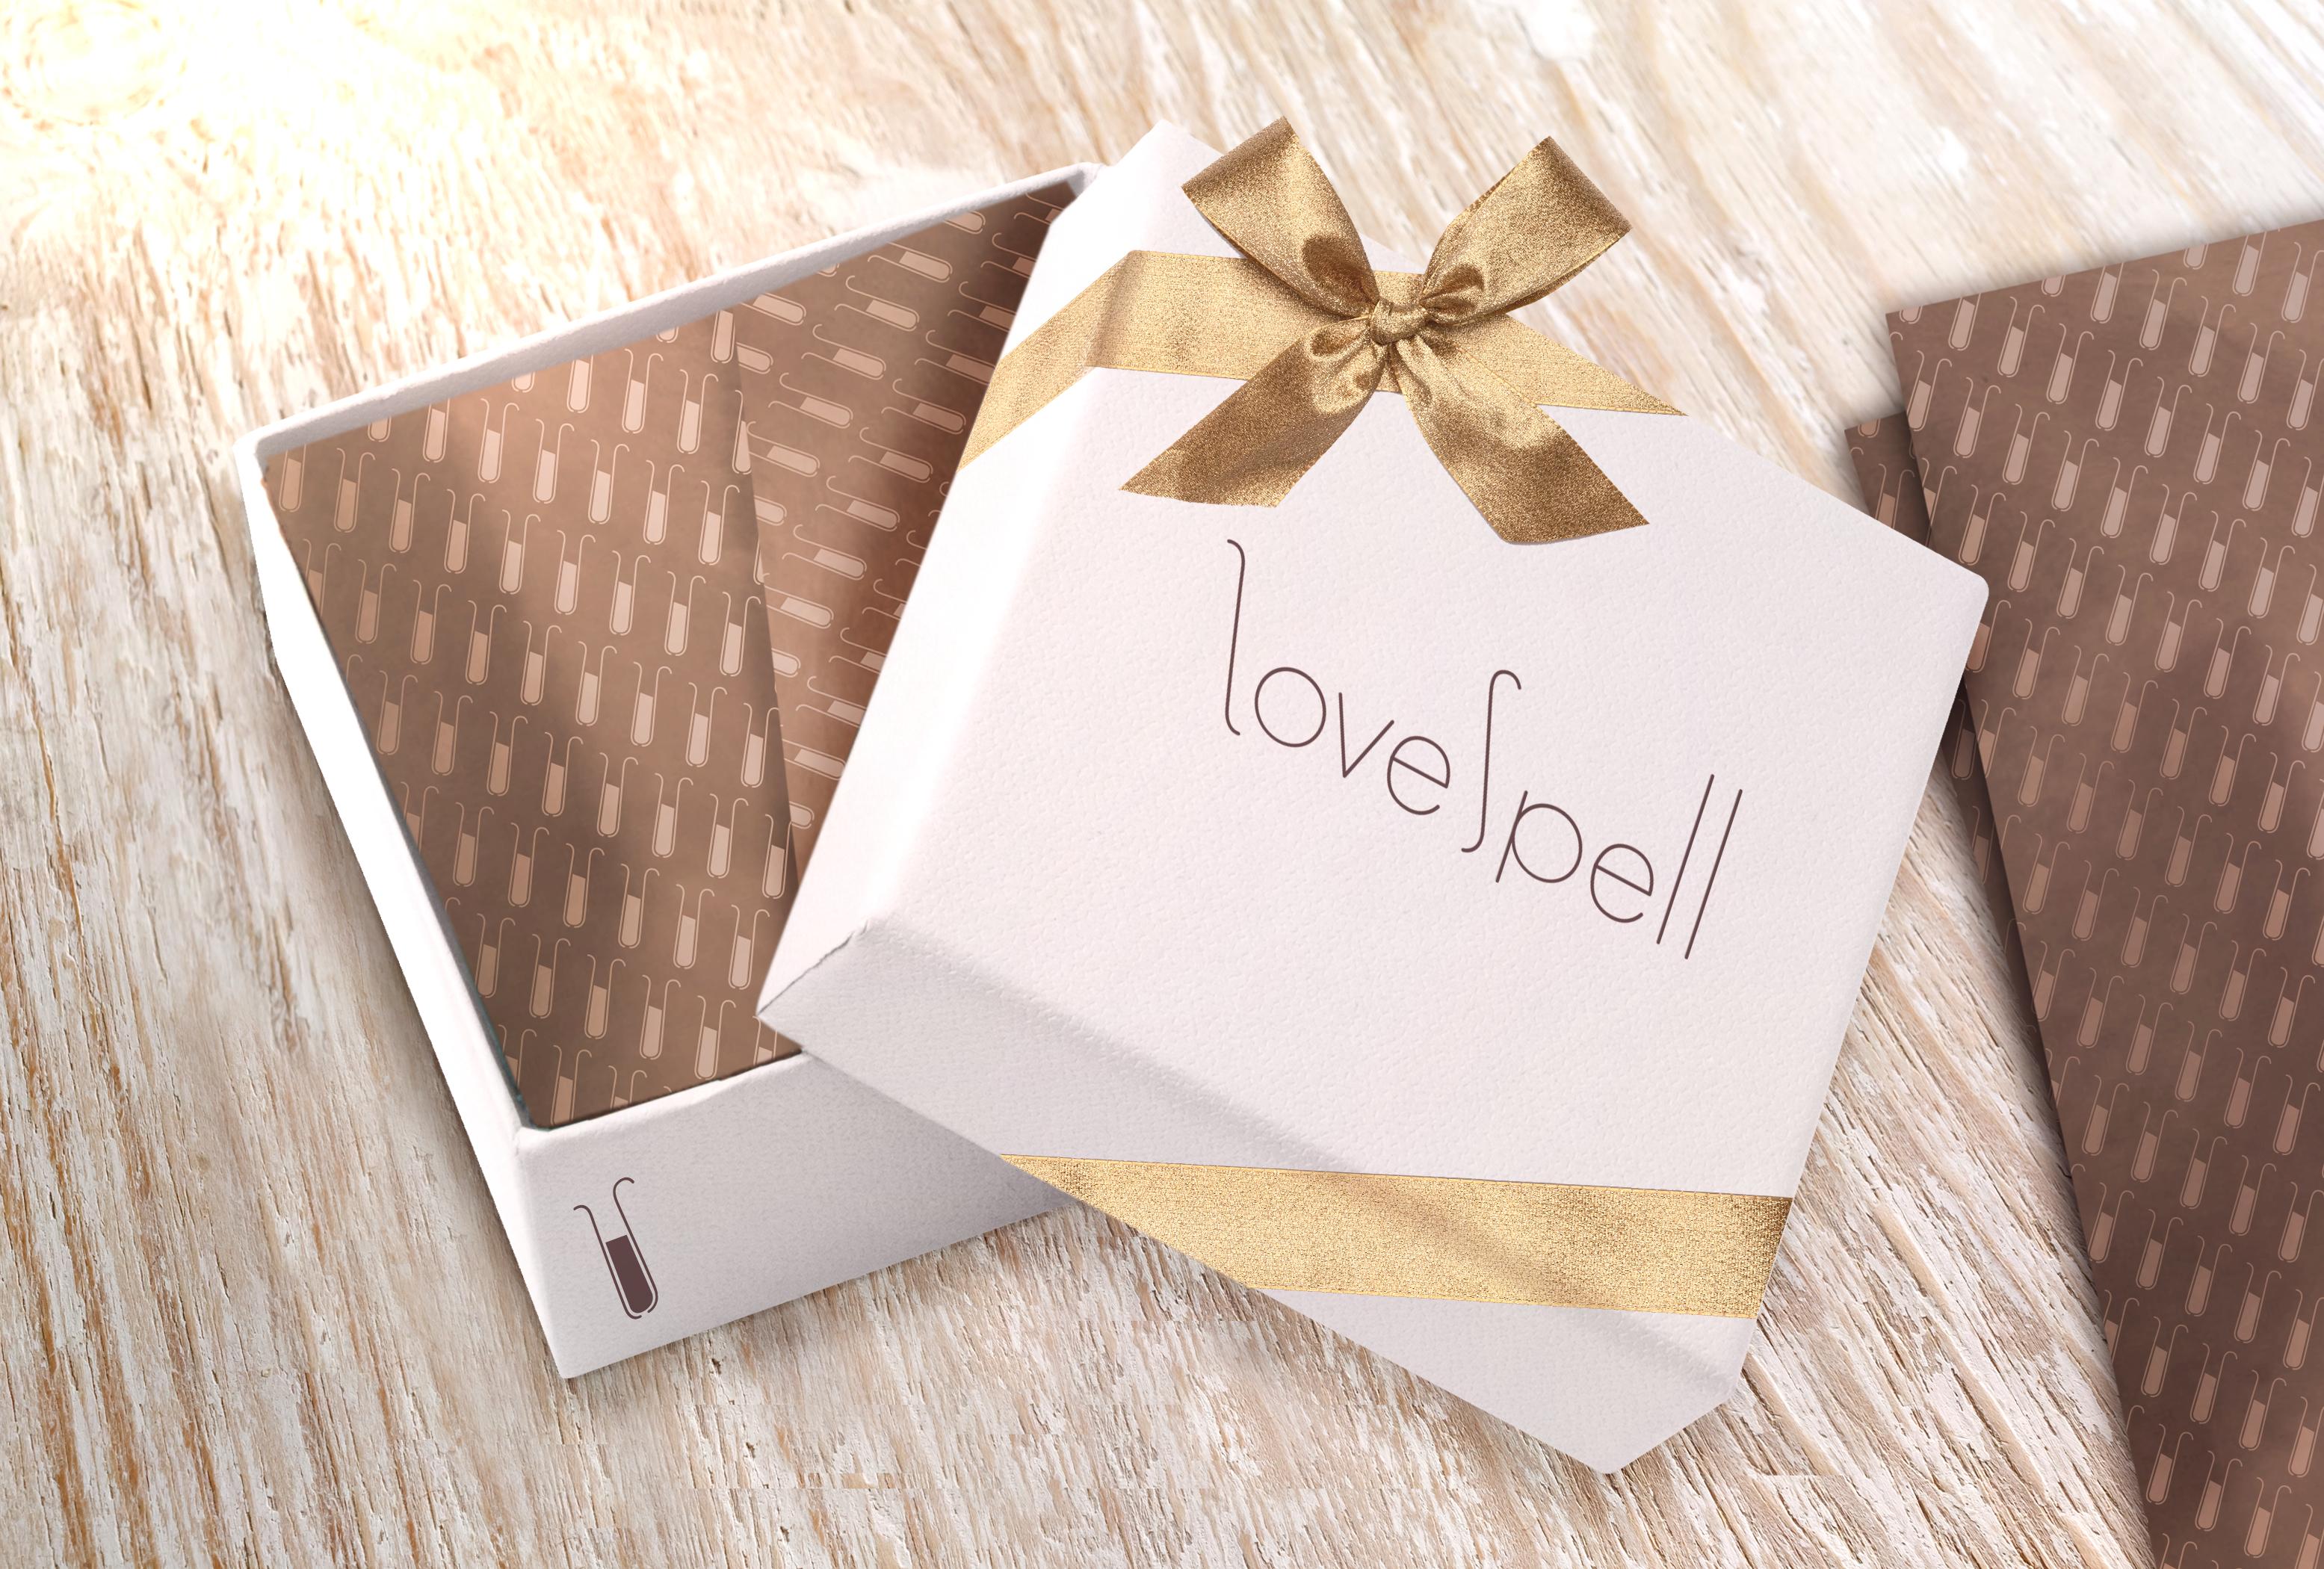 LoveSpell / packaging